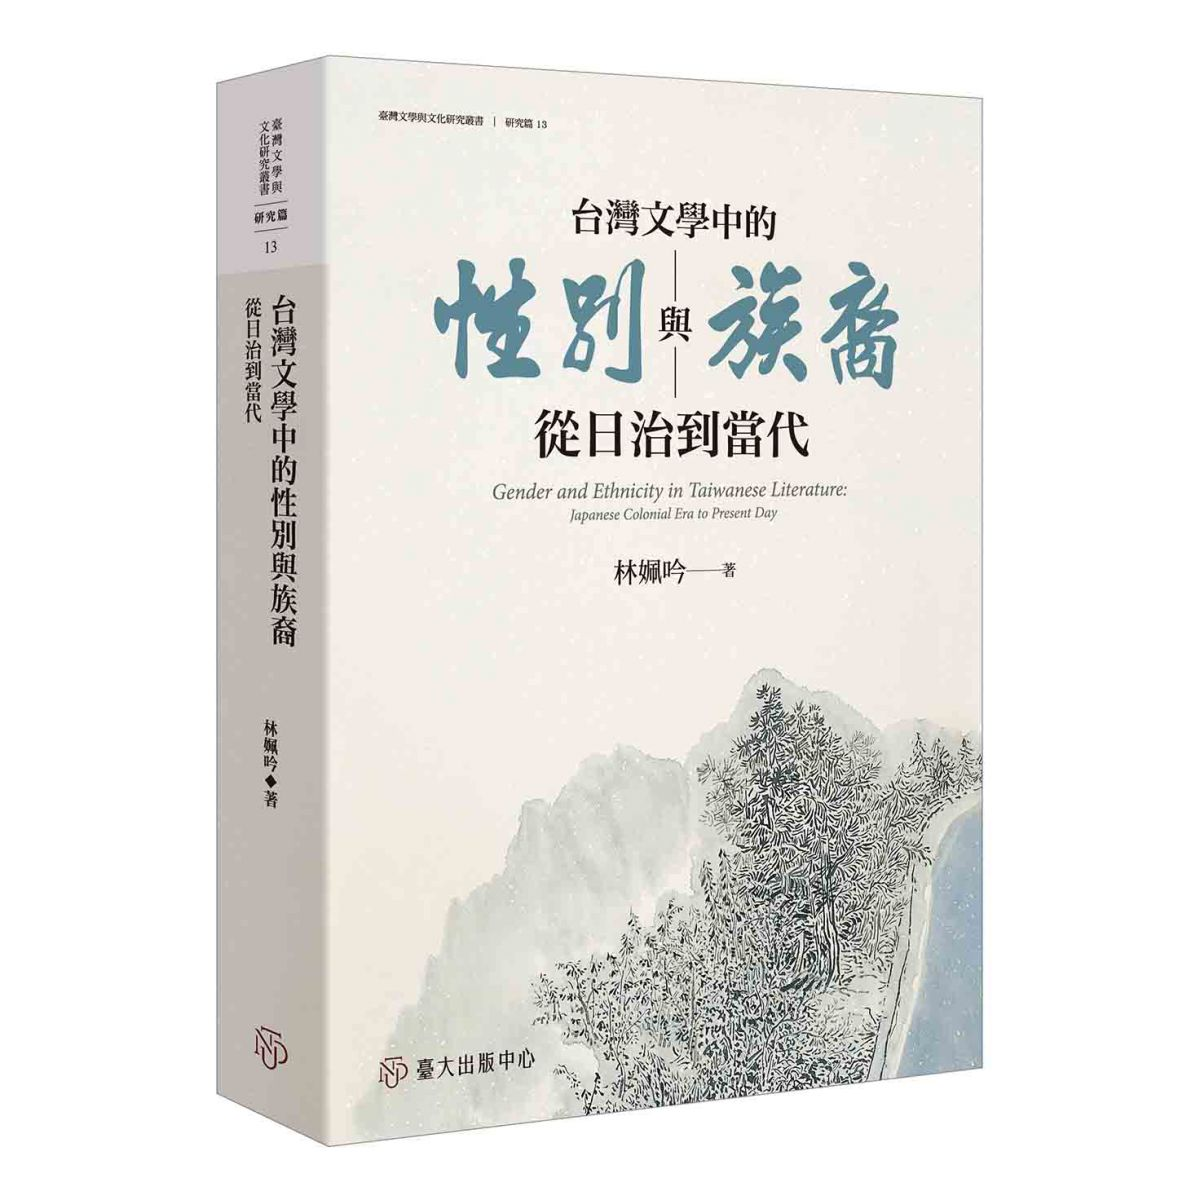 《台灣文學中的性別與族裔》探勘日治到當代的台灣文學之女性角色和族裔書寫